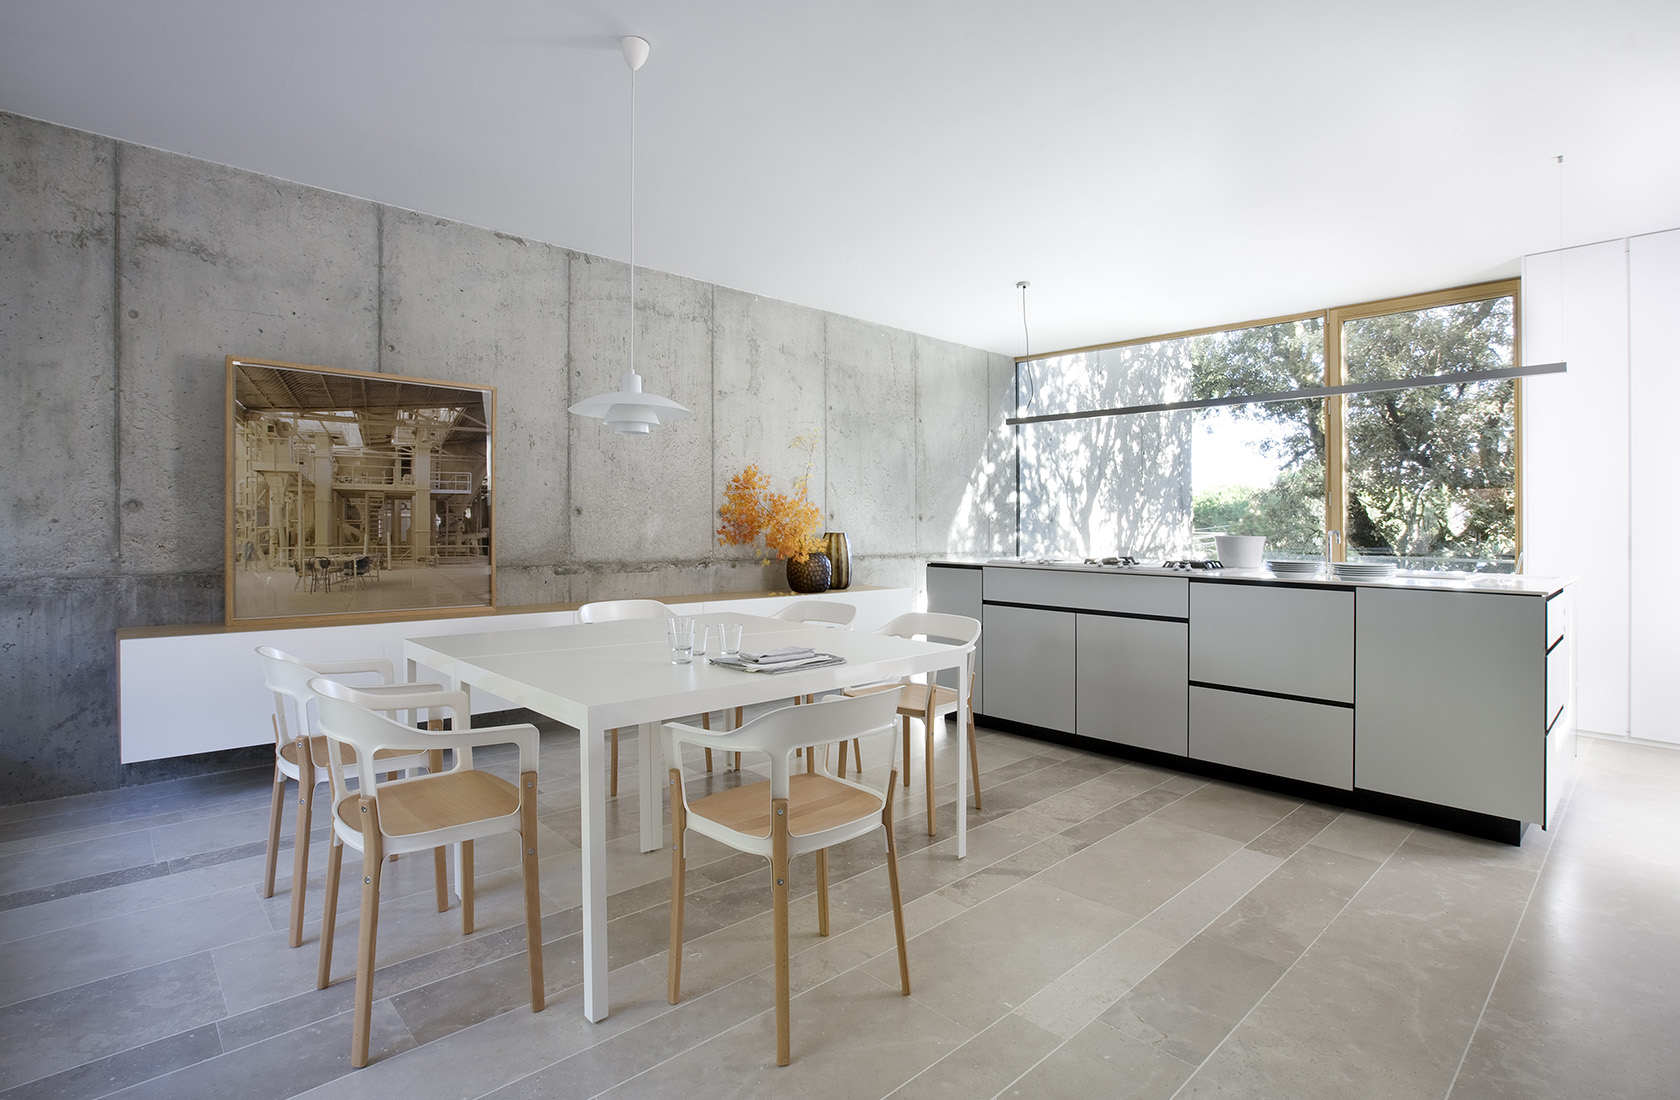 Cocina con zona de comedor en la sede de ÁBATON Arquitectura